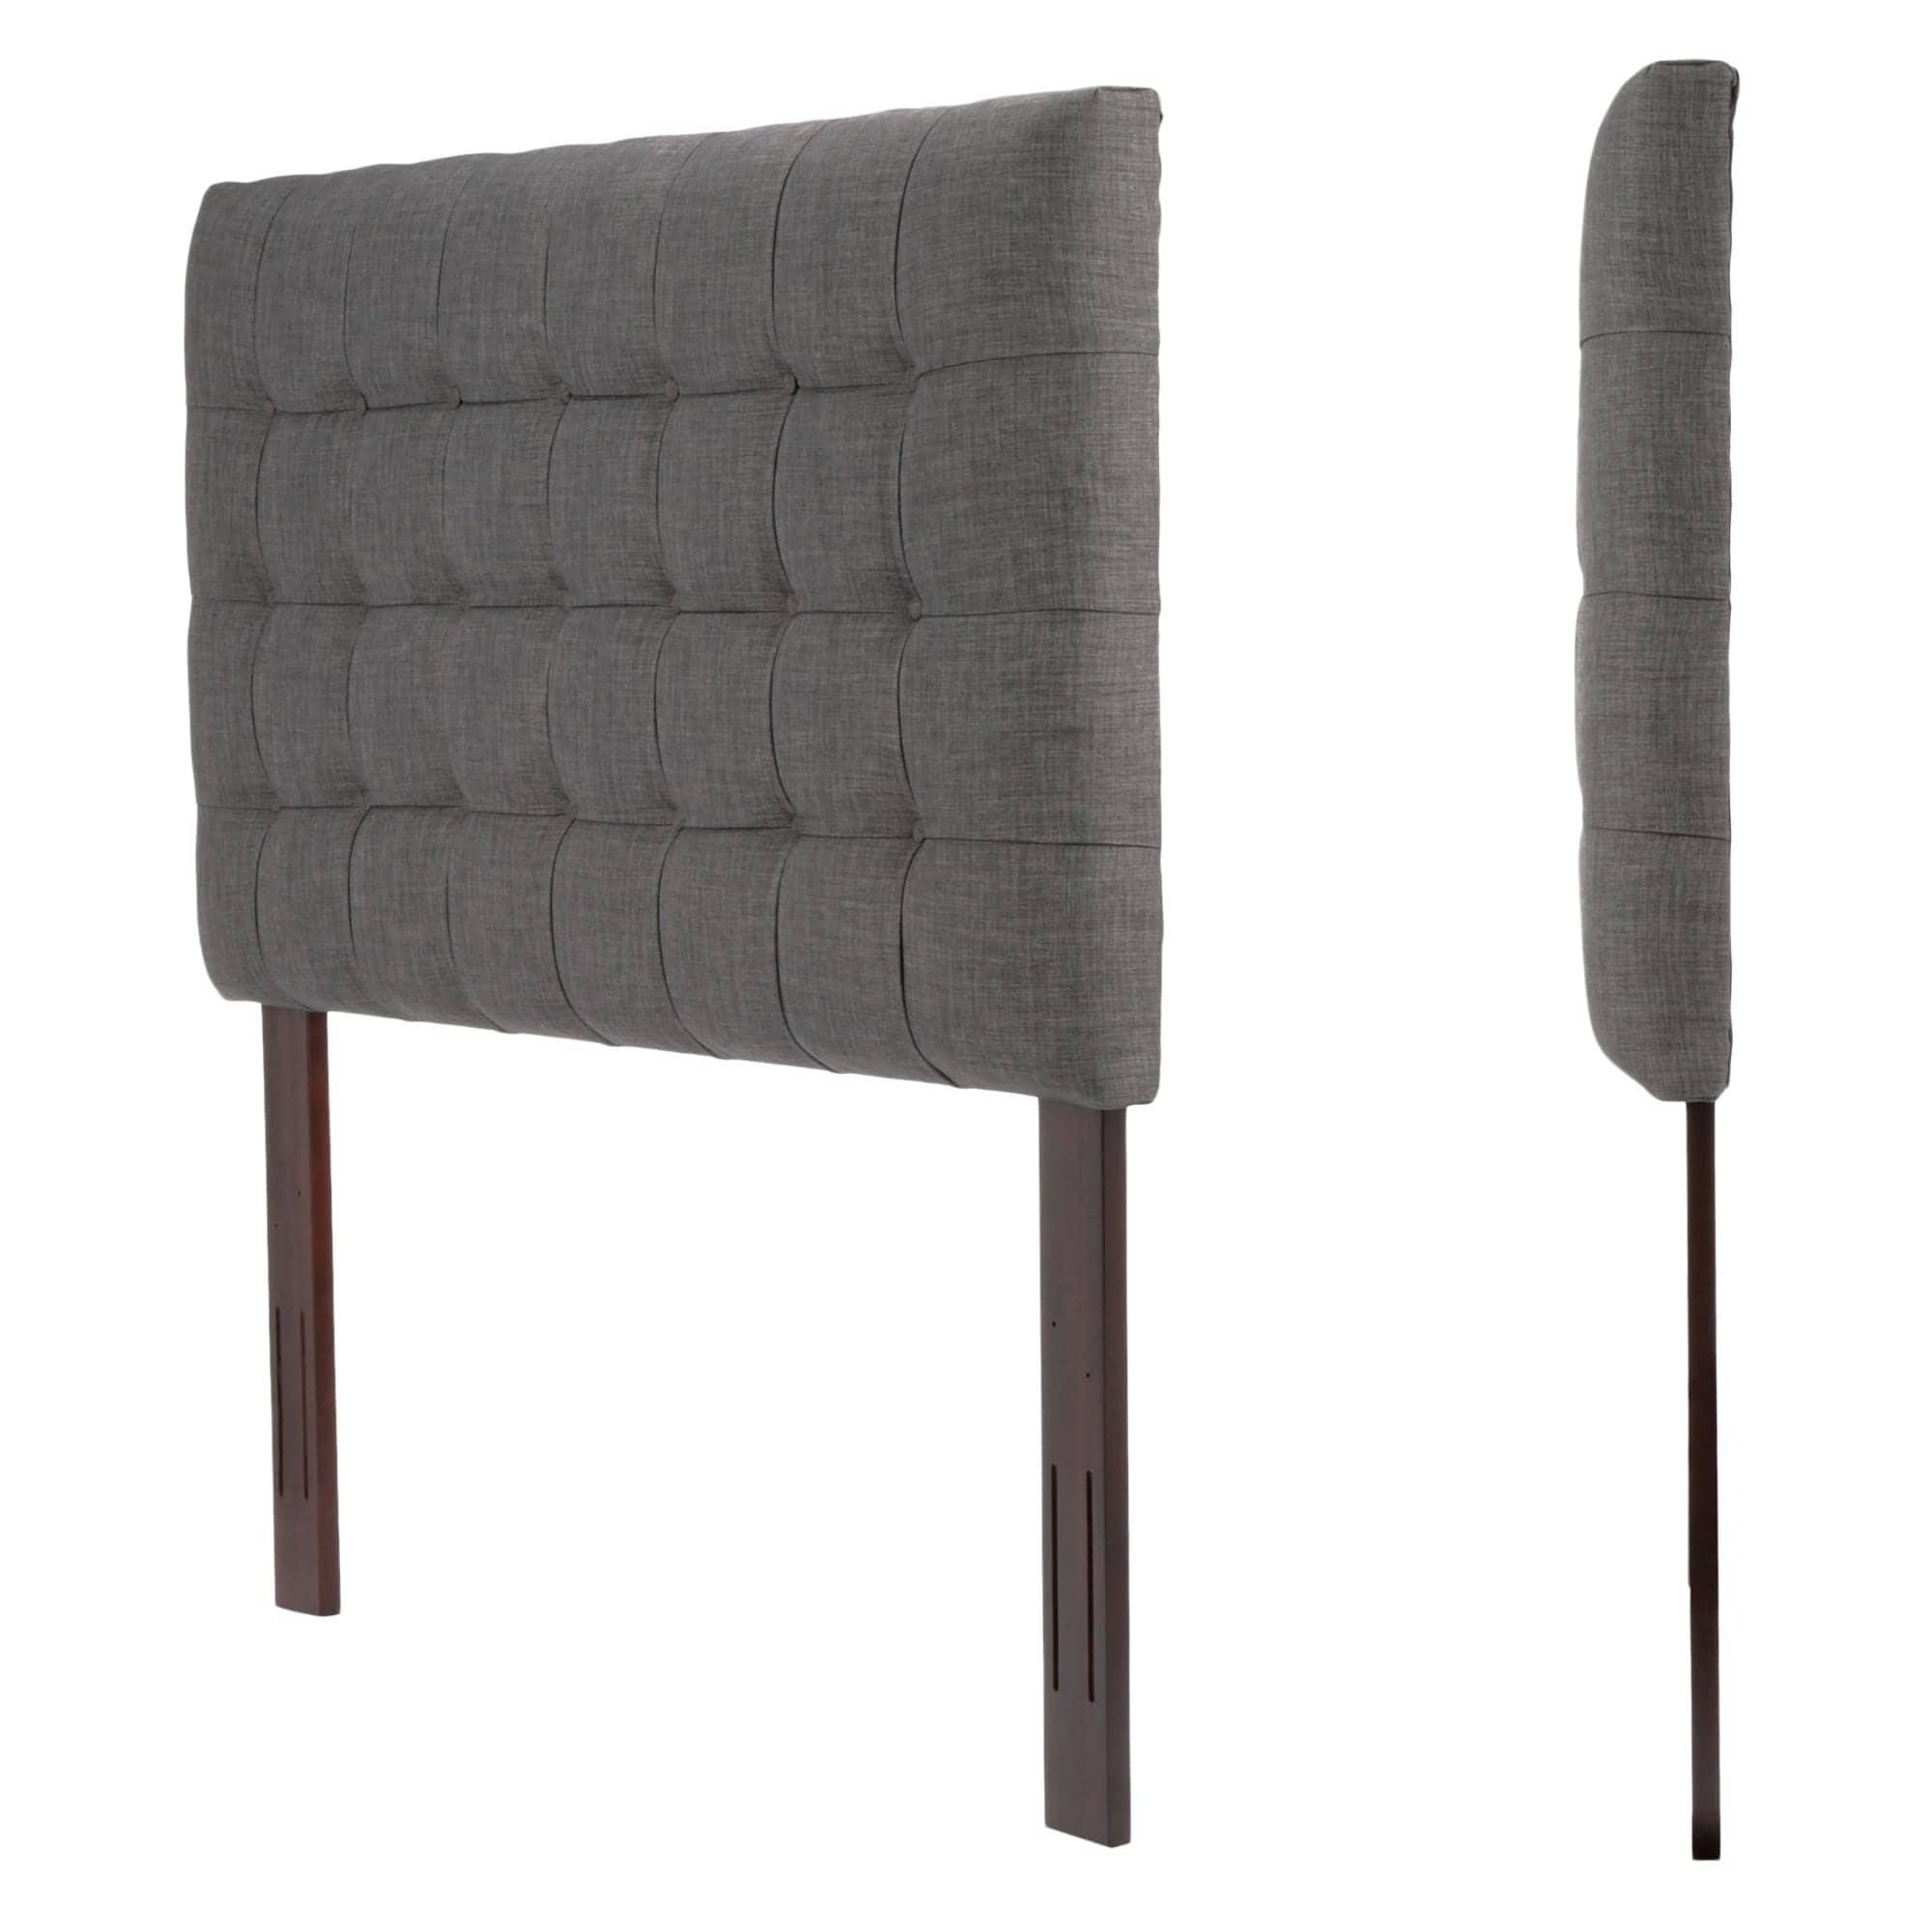 e283f0298a7b Shop Leggett   Platt Strasbourg Upholstered Adjustable Headboard - Free  Shipping Today - Overstock - 10335838